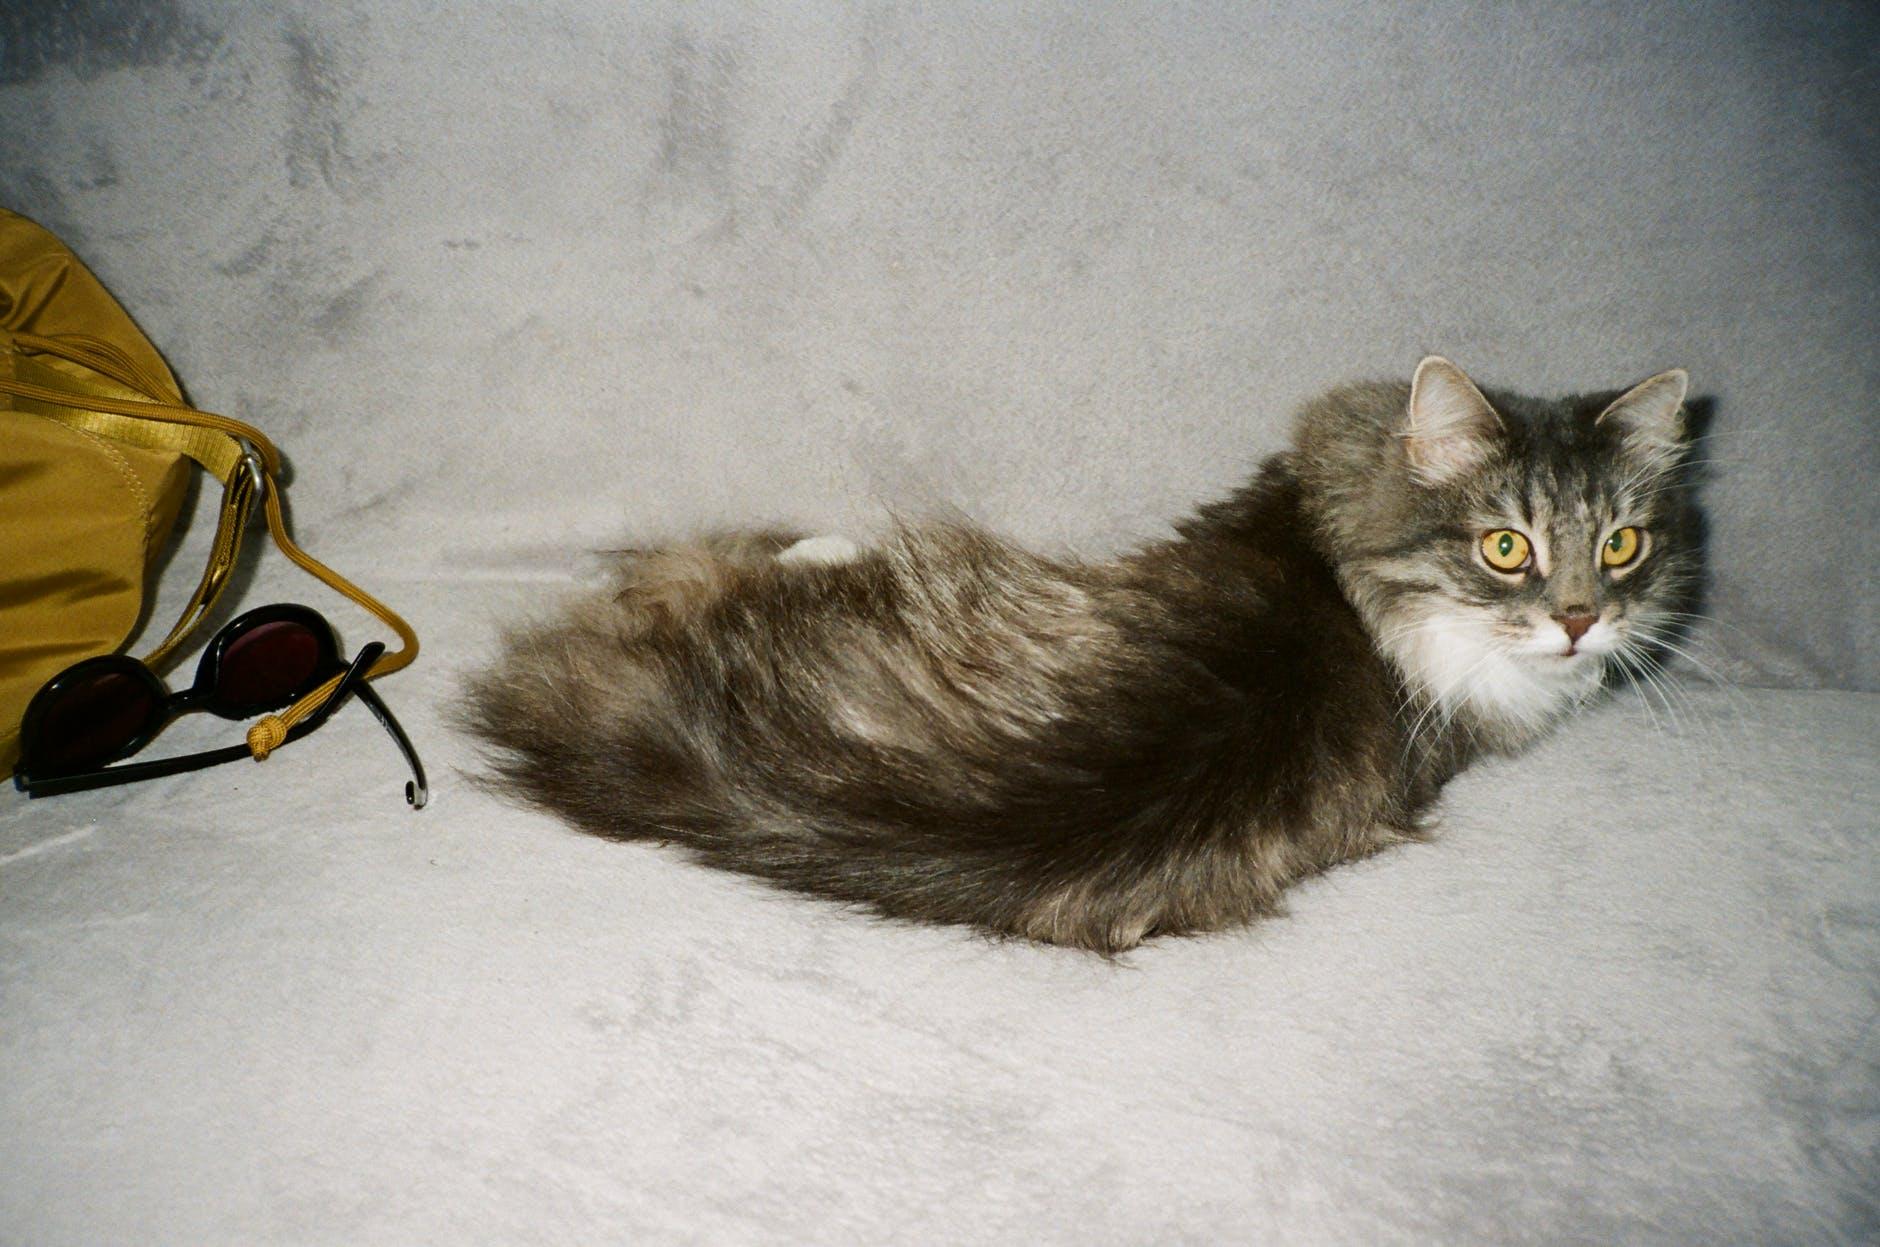 Cats' Lady Vet - Doctorita Pisicilor: Micozele Cutanate Sau Dermatomicozele Pisicilor